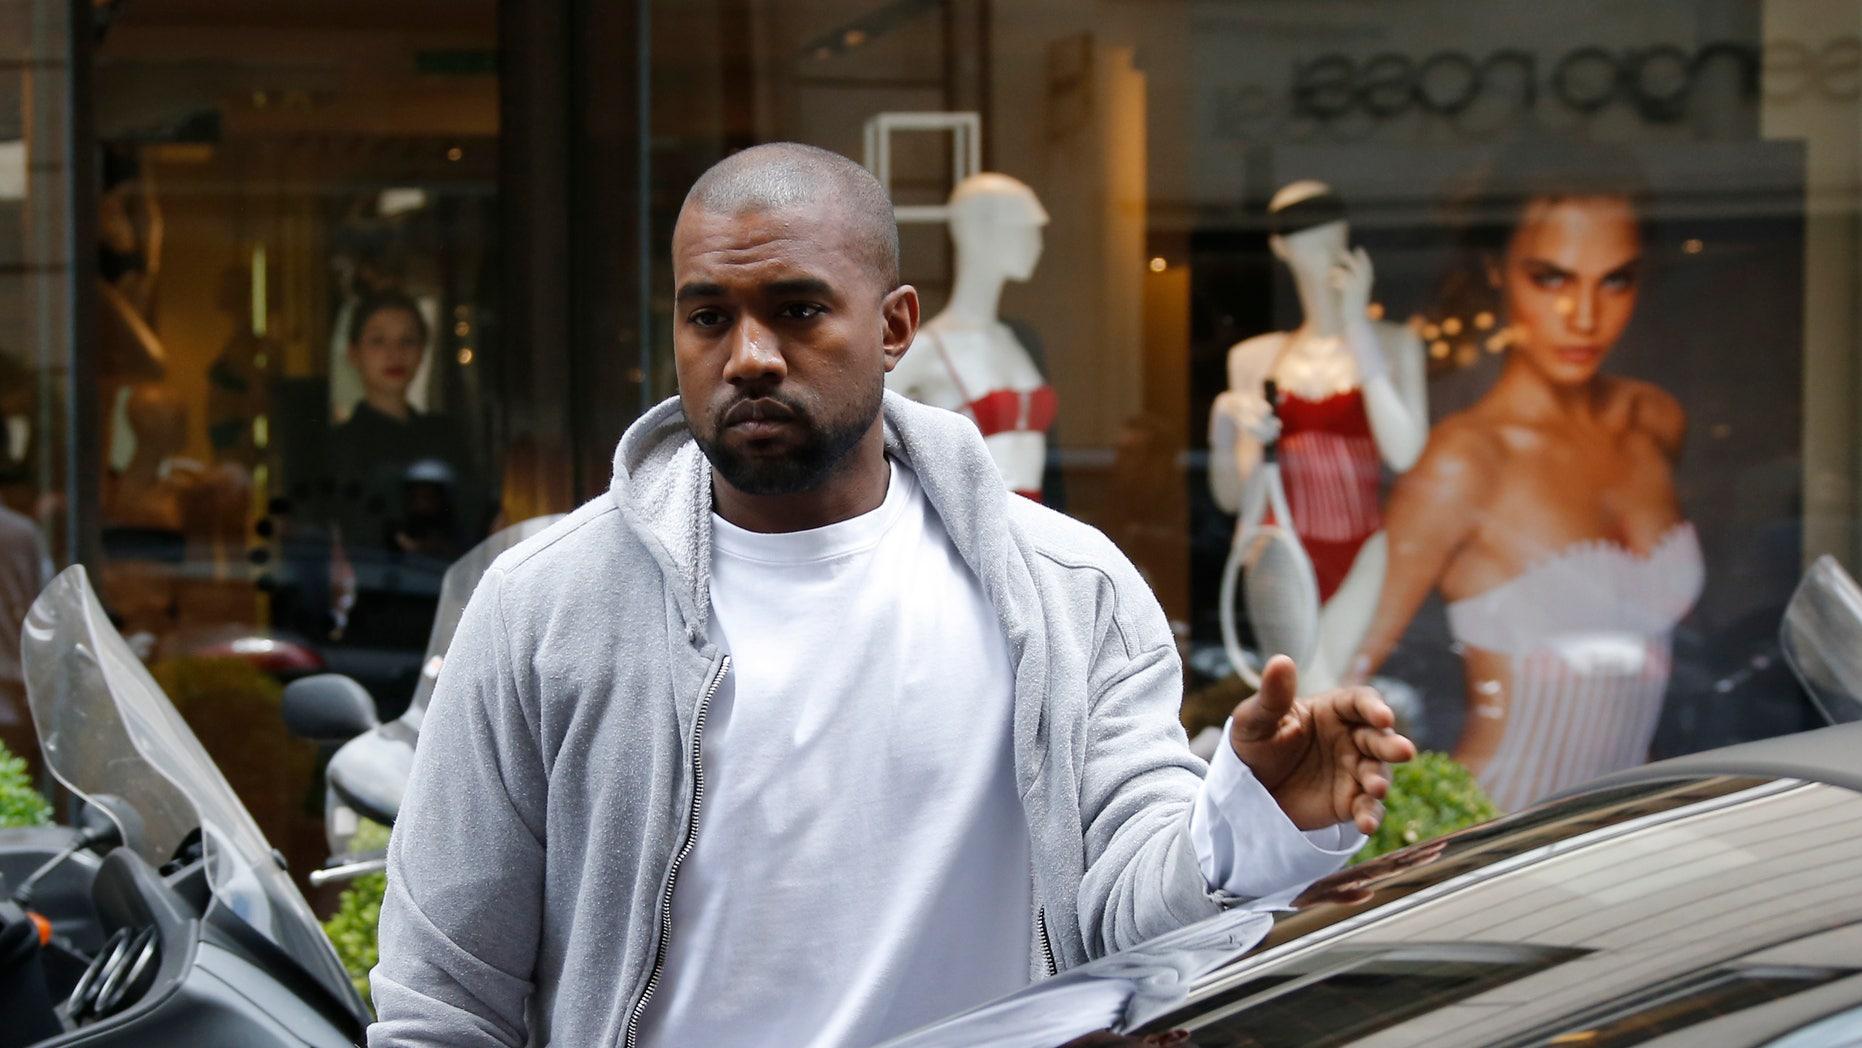 May 22, 2014. Rapper Kanye West  arrives at a fashion designer shop in Paris.